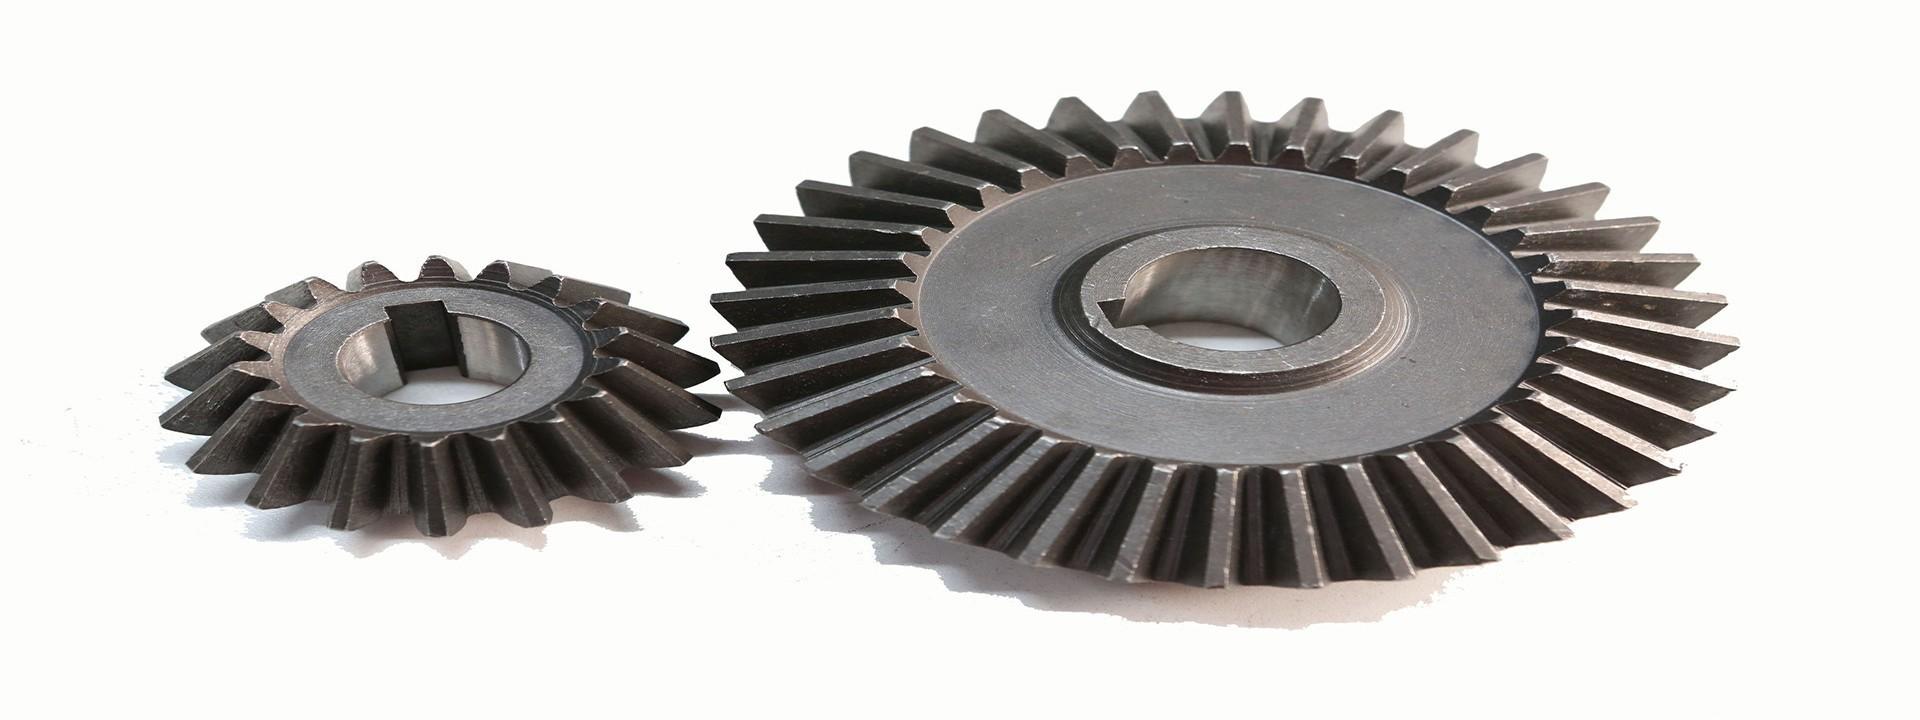 yp148 - Изготовление конических зубчатых колес